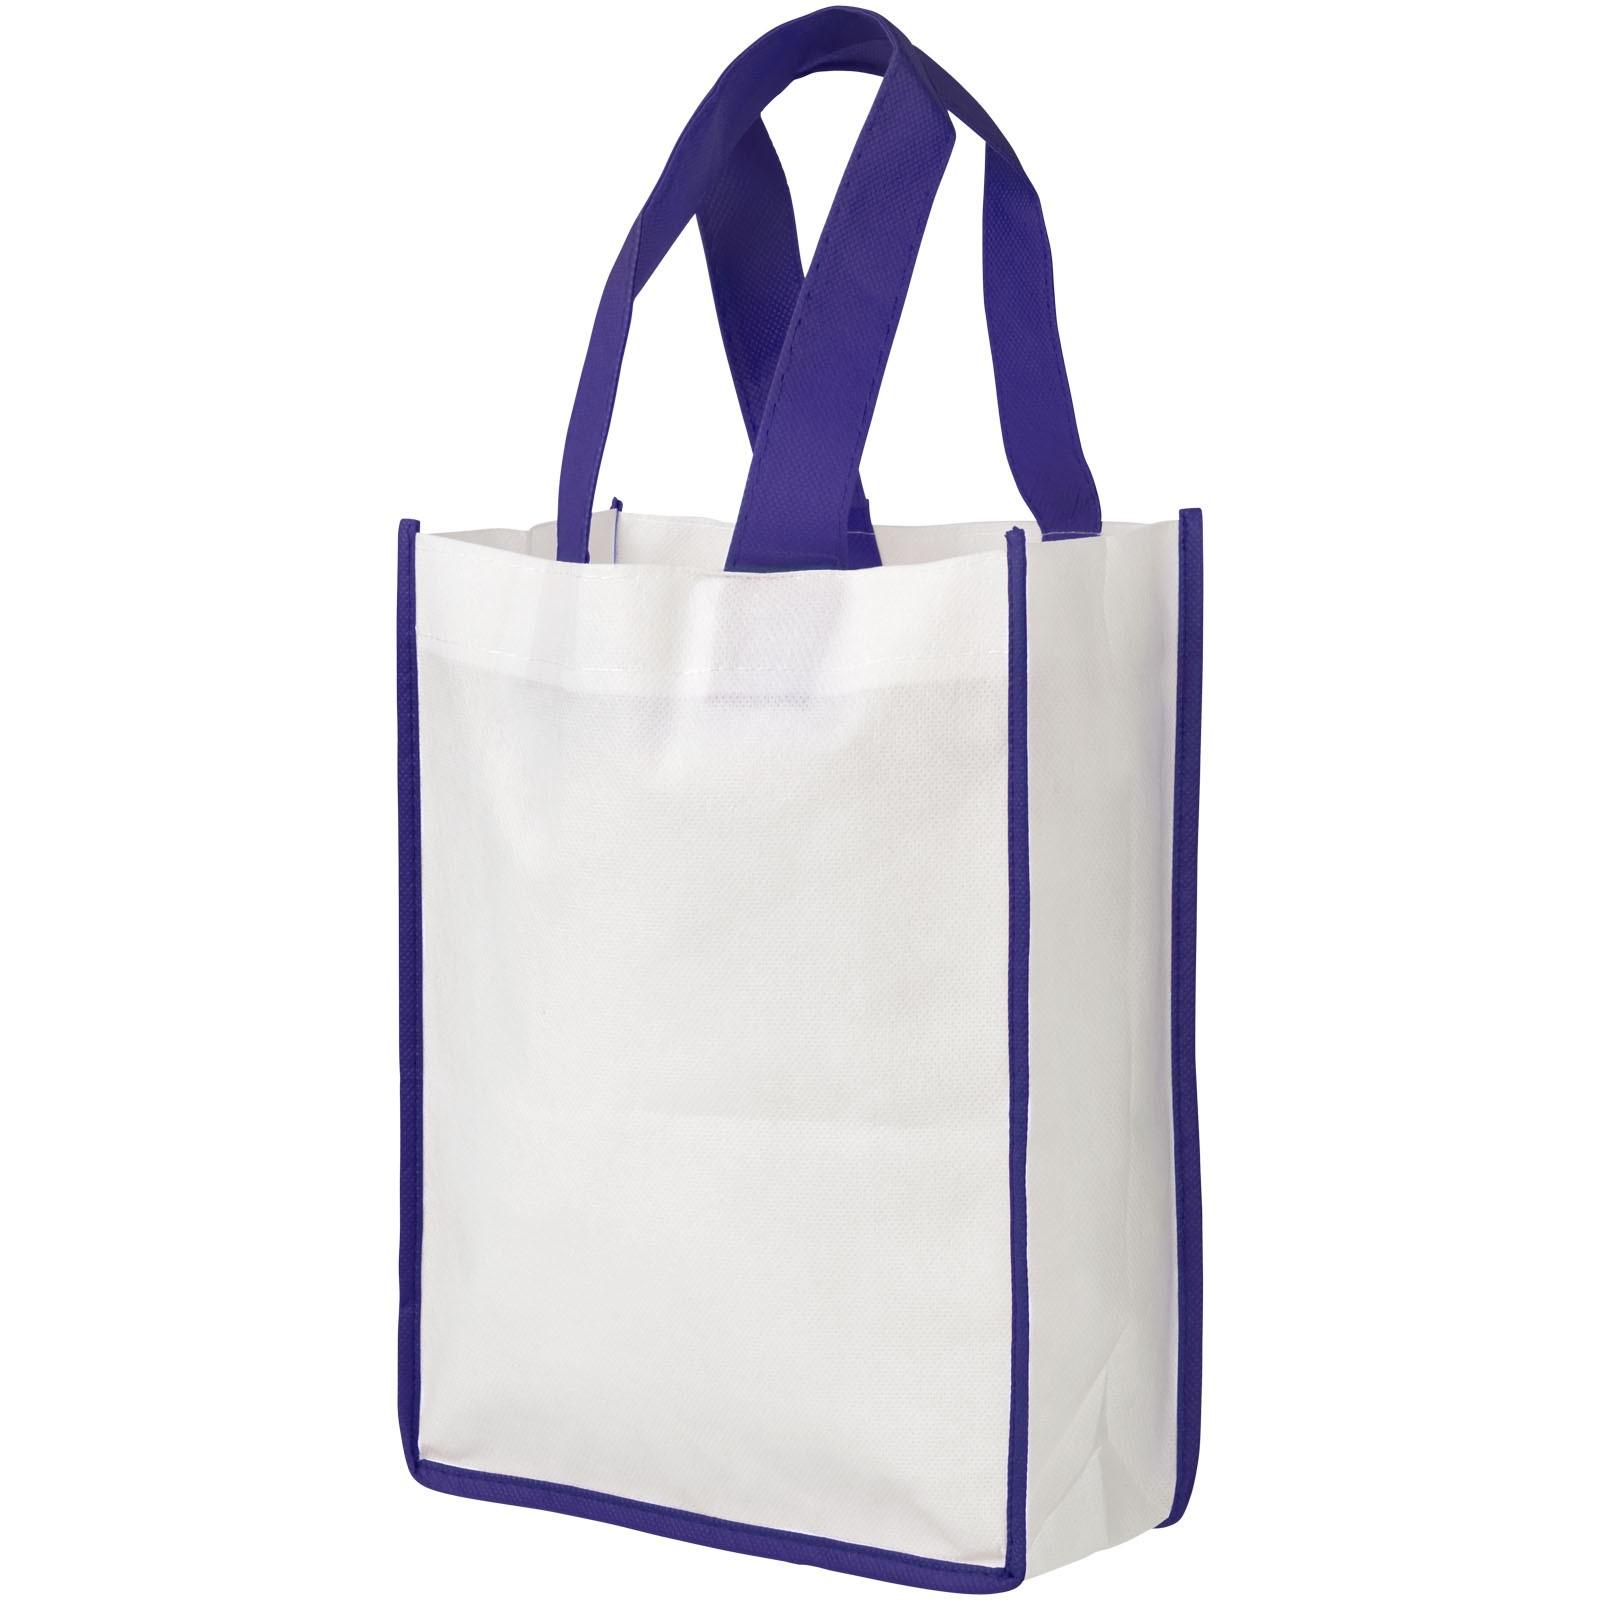 Contrast small non-woven shopping tote bag - White / Purple